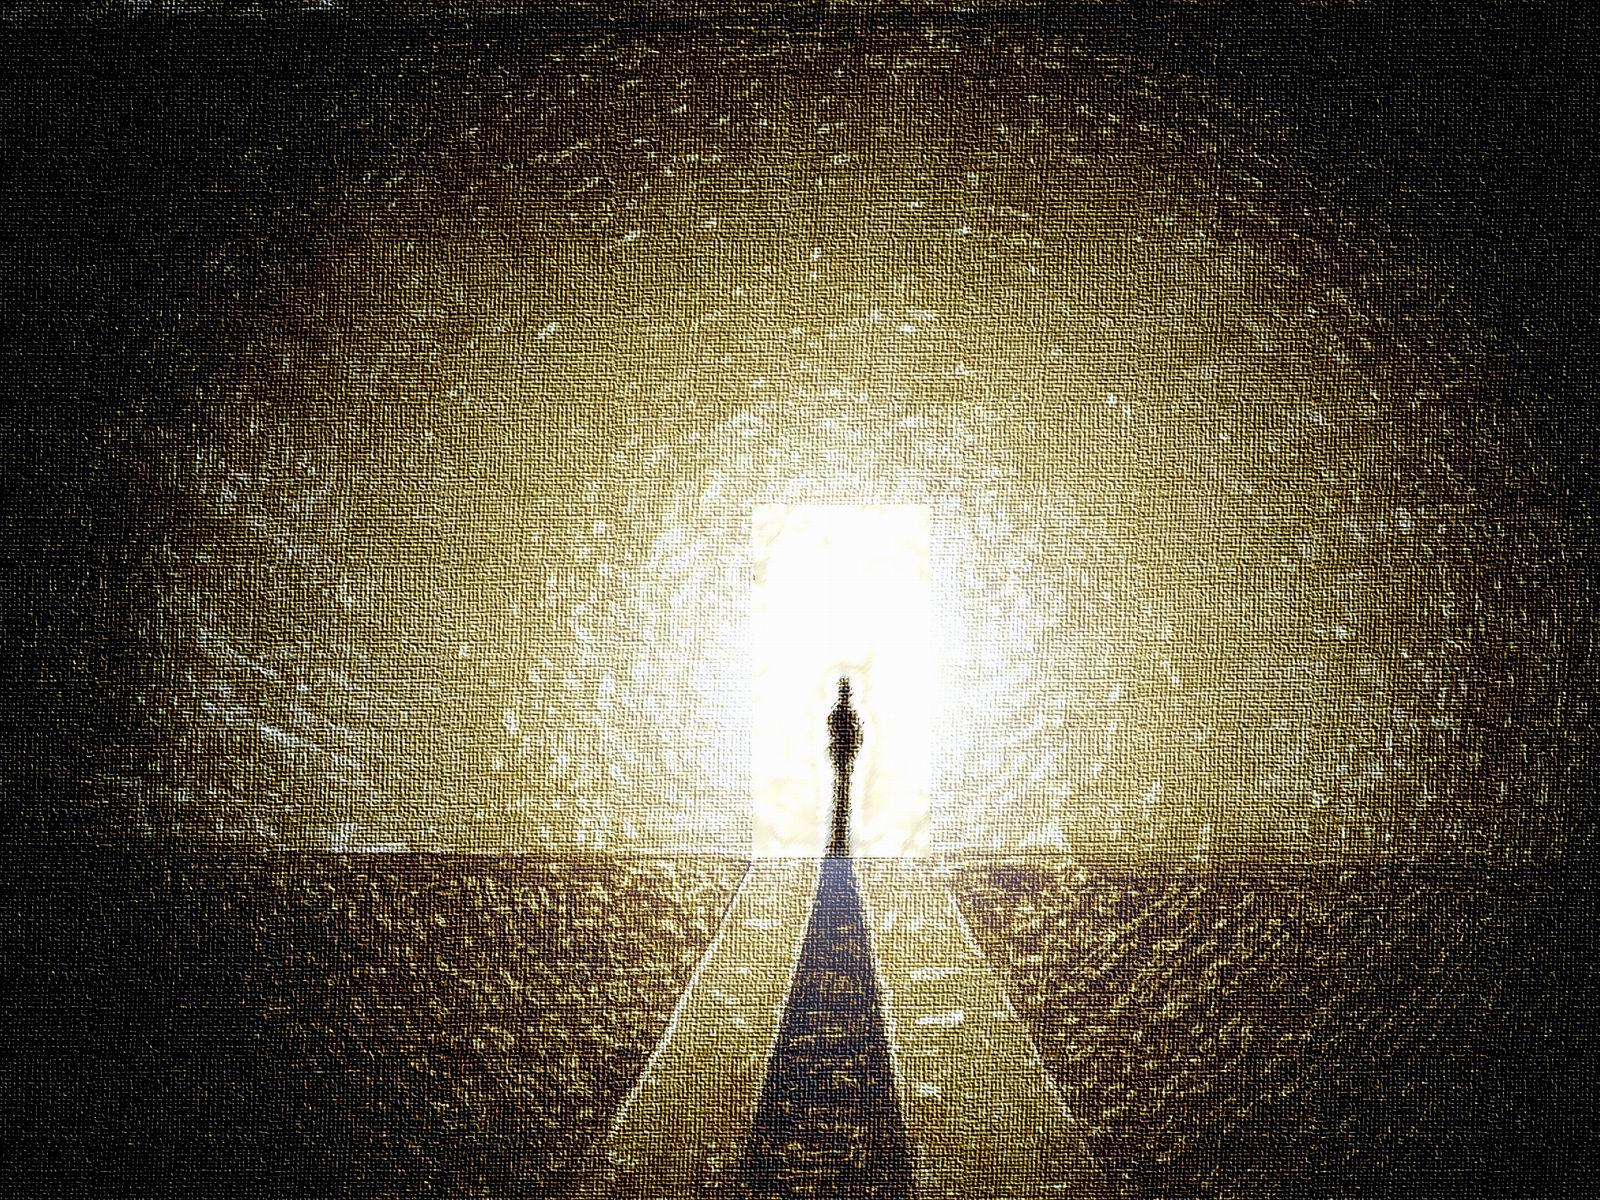 Por qué la Reencarnación en una Idea Equivocada